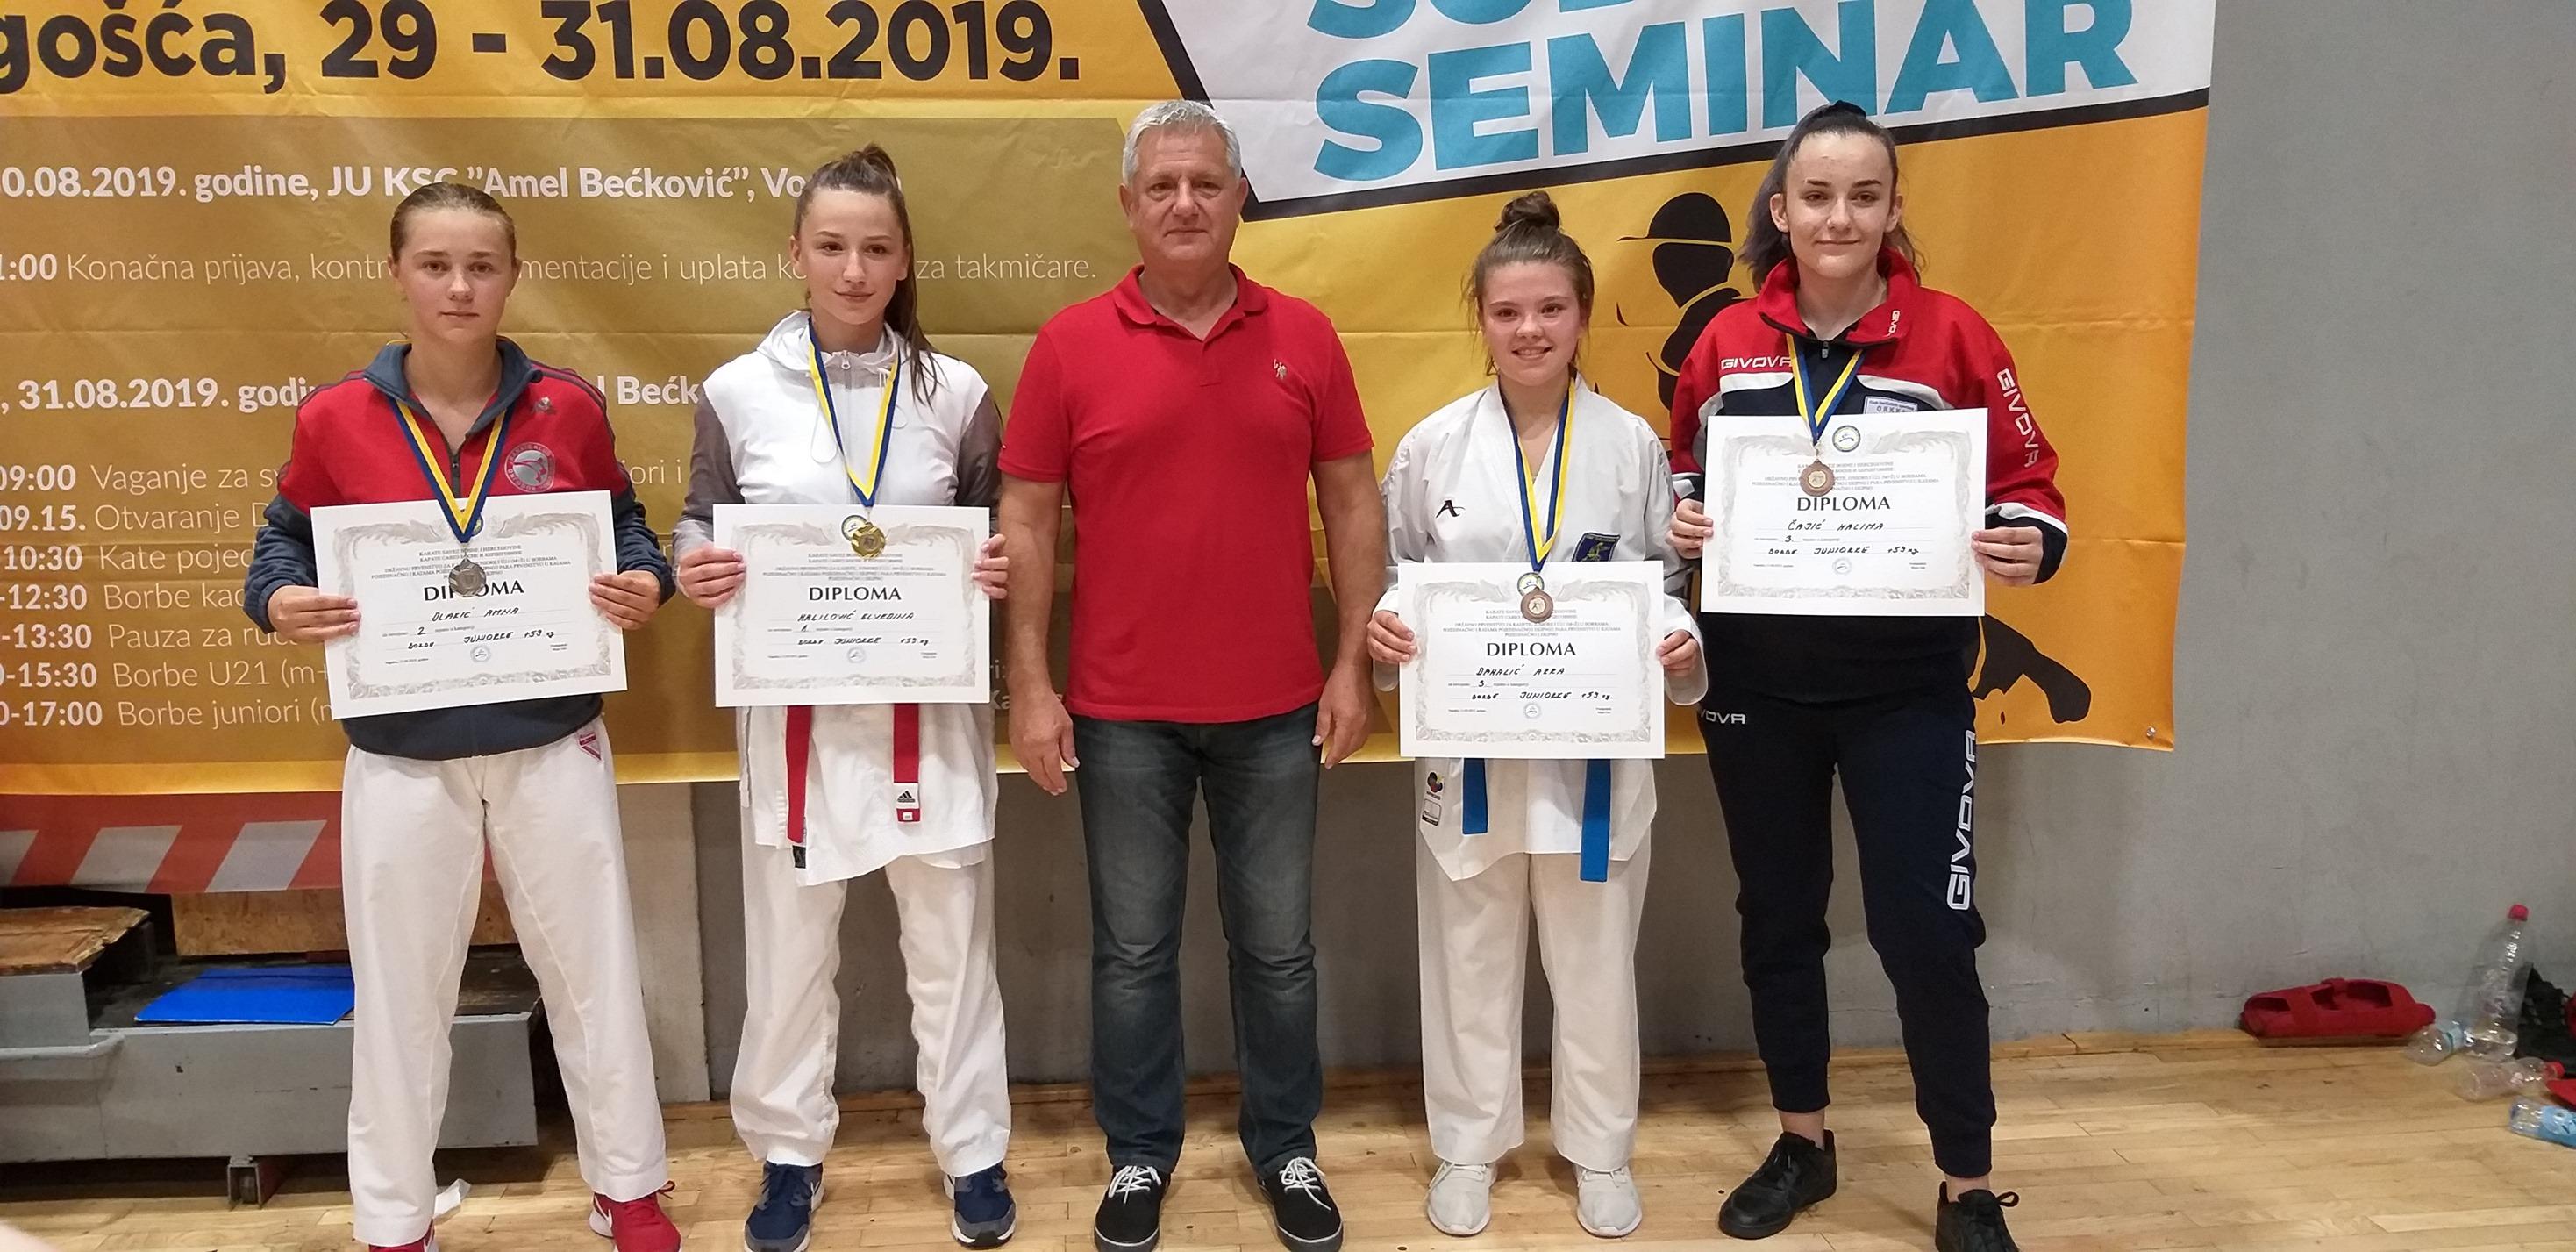 Državno prvenstvo za kadete,juniore i U21, Vogošća